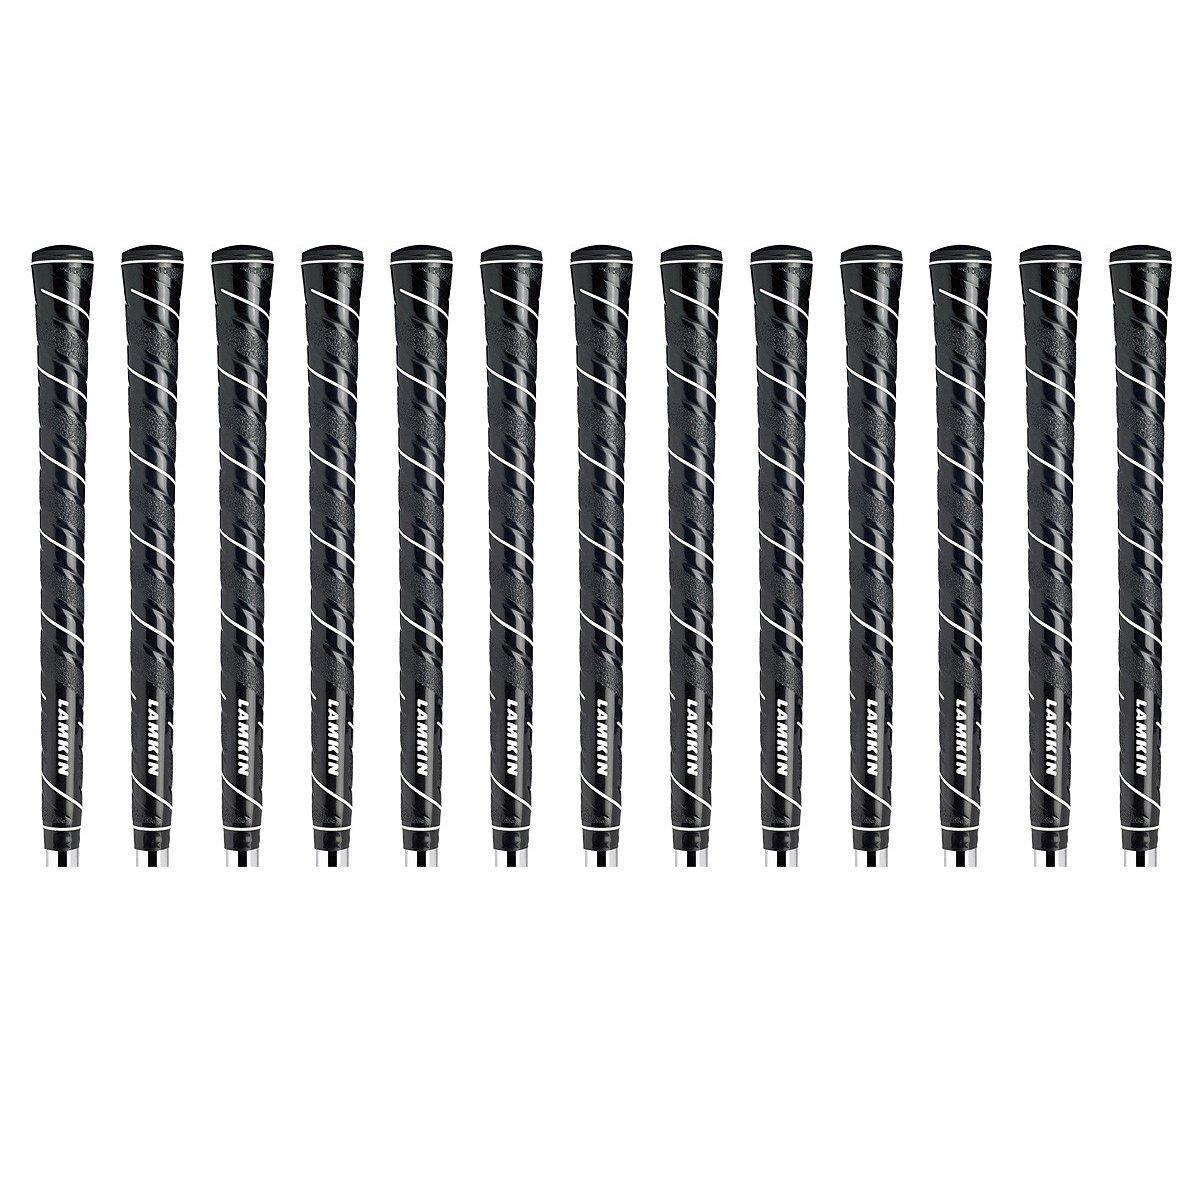 Lamkin wrap-tech Midsize ( + 1 / 16インチ) 0.580 13 Pieceゴルフグリップバンドル( B01C7FOOFC